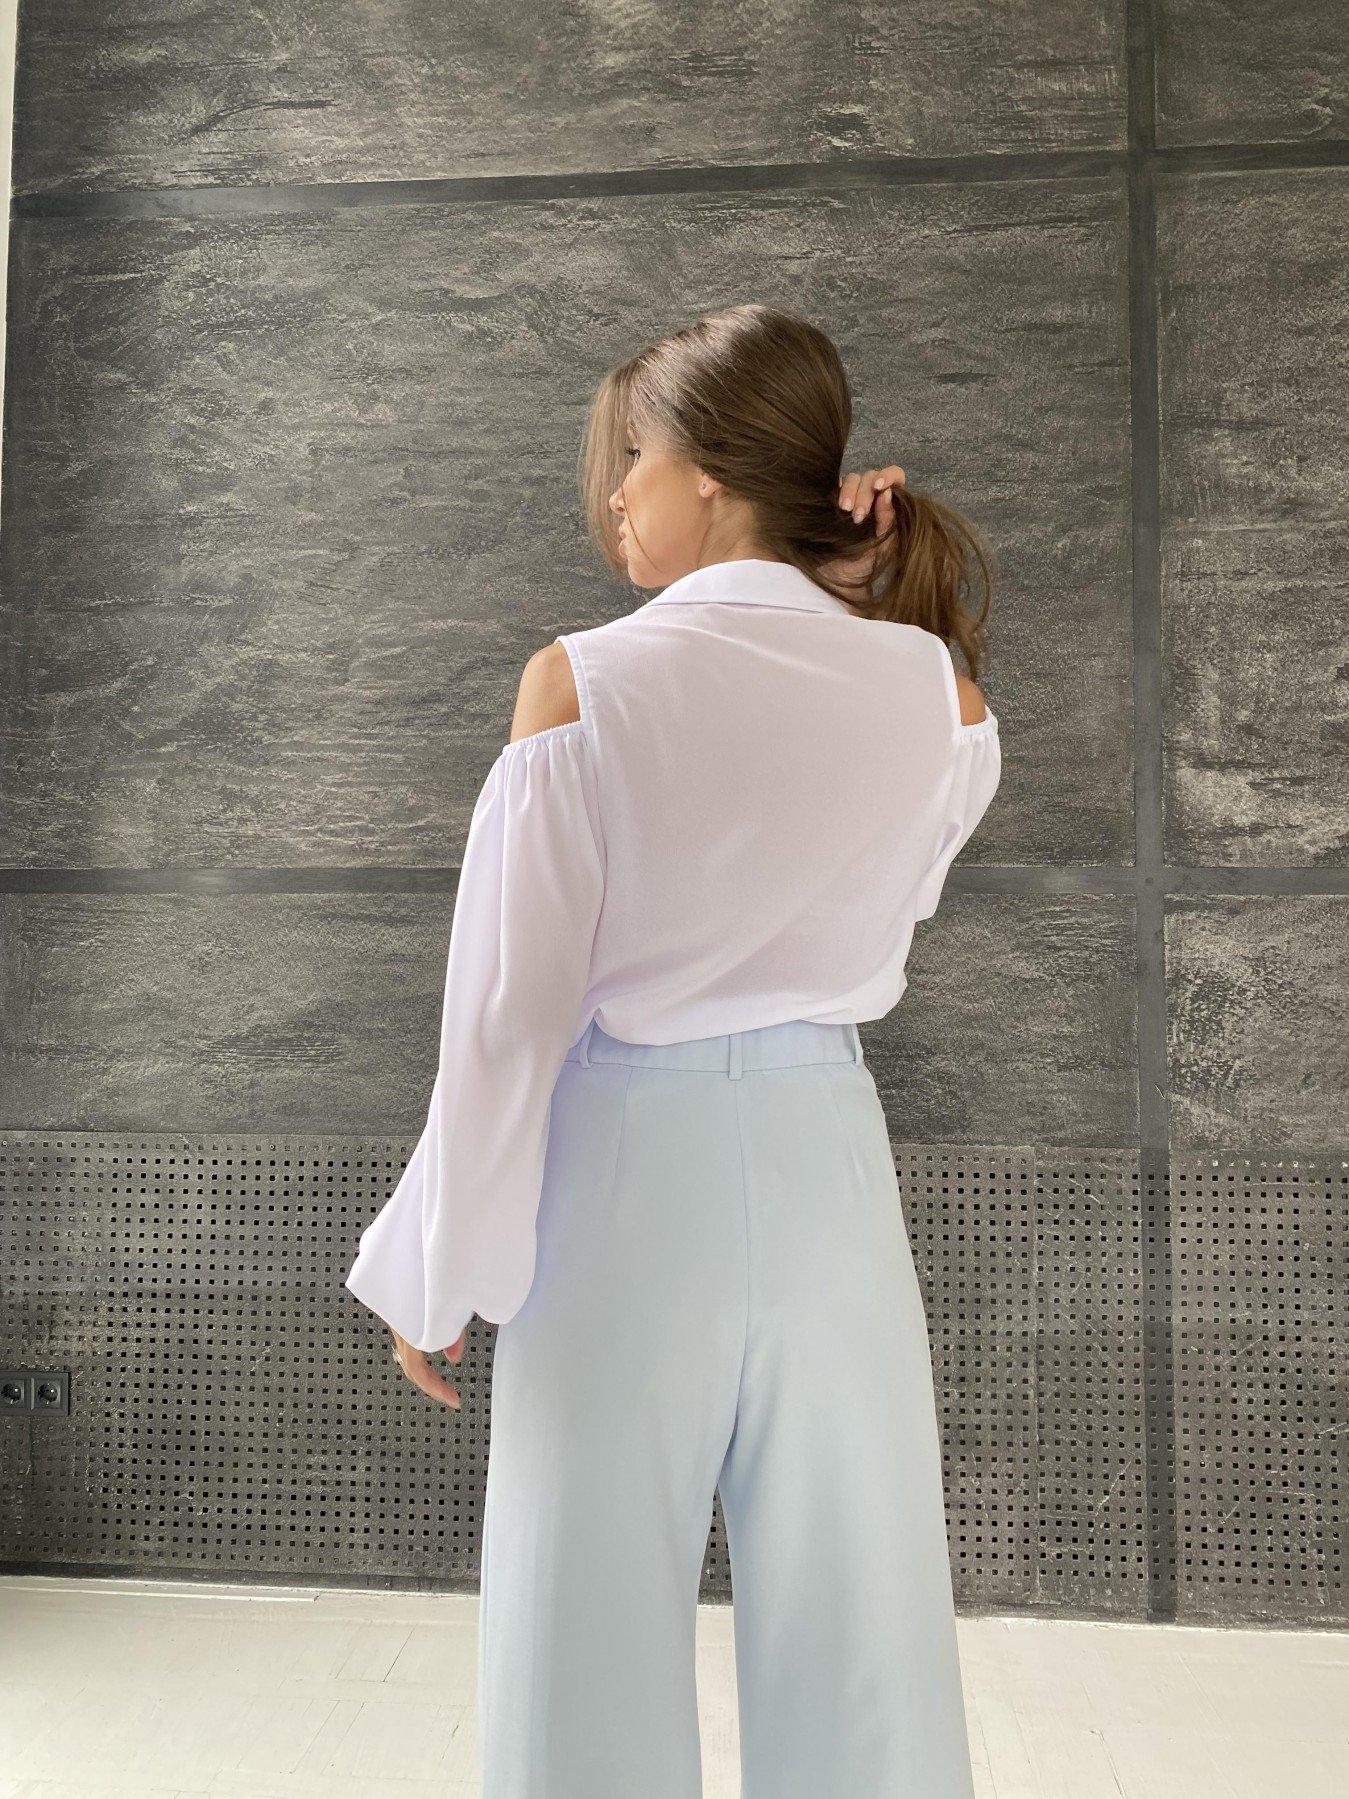 Адель блуза из креп креш шифона 11657 АРТ. 48371 Цвет: Белый - фото 7, интернет магазин tm-modus.ru